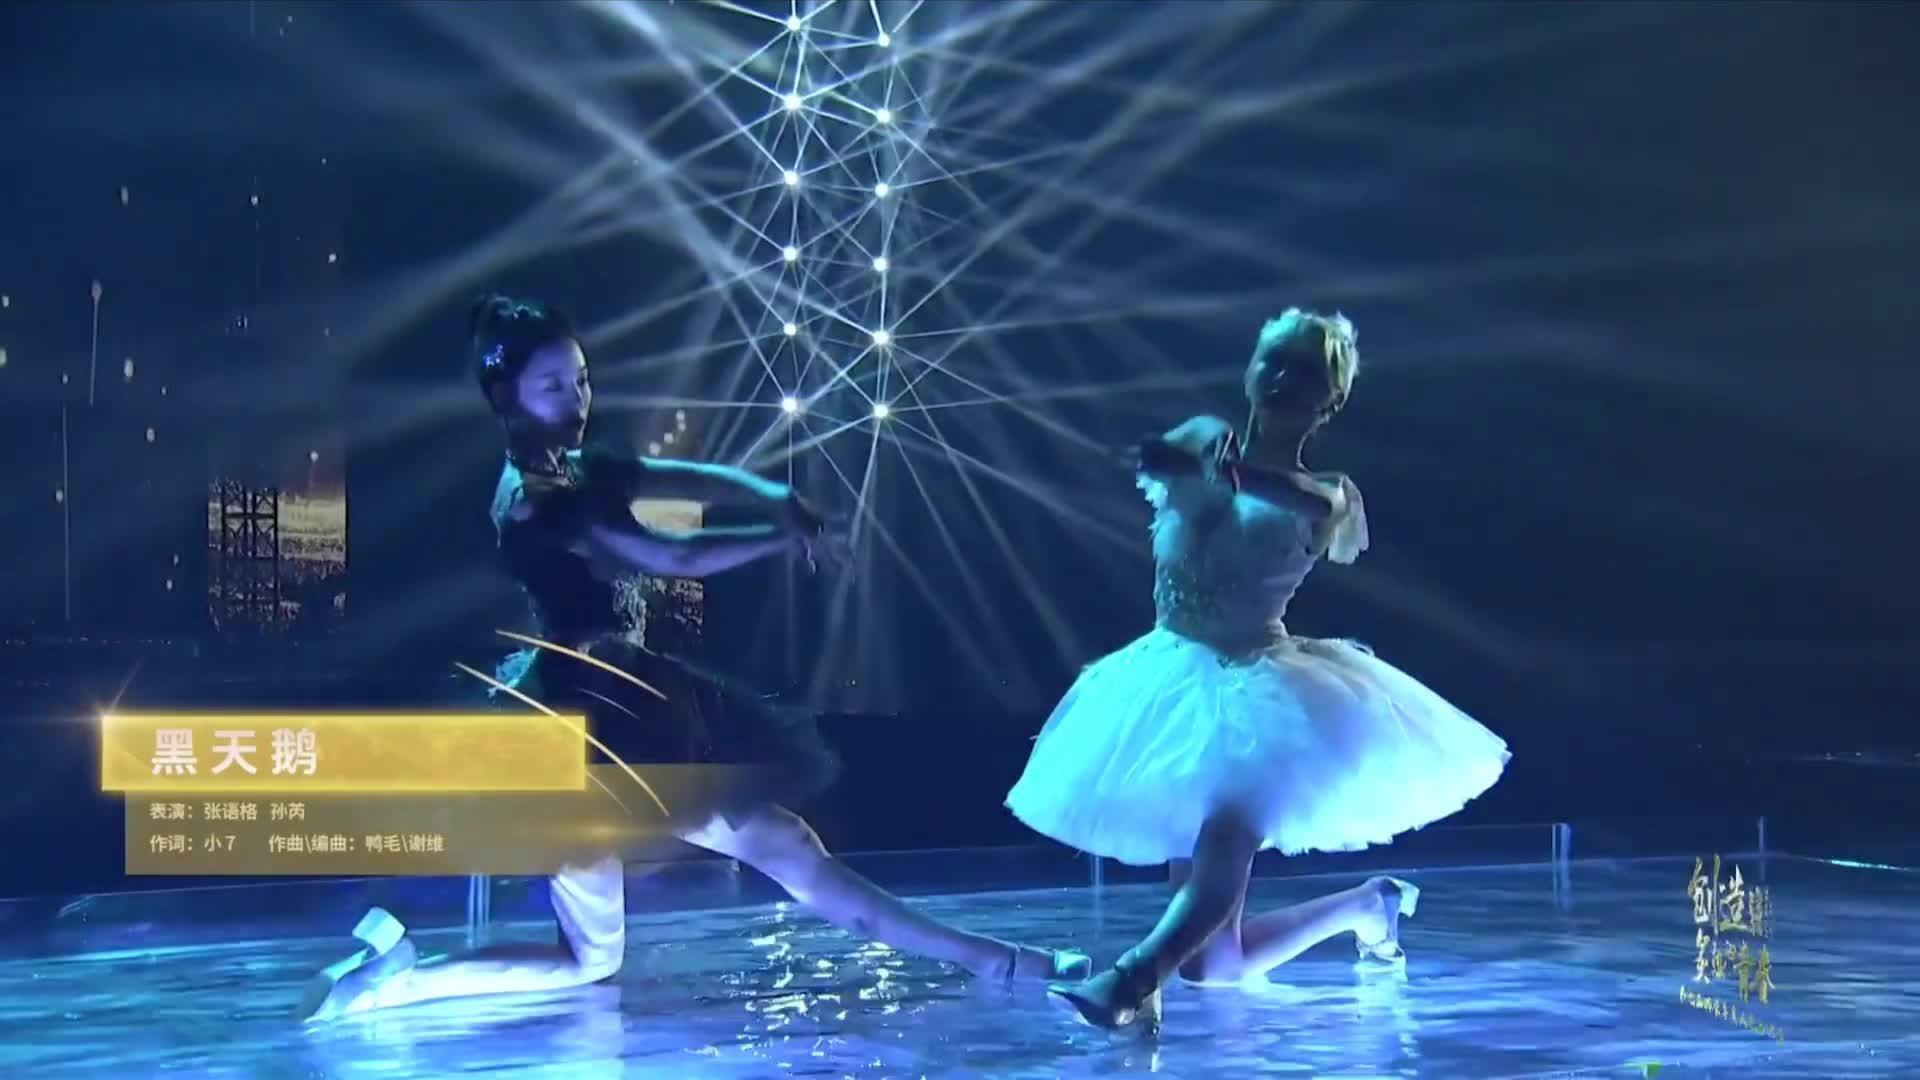 漂亮妹妹们的梦幻舞台!今天的芮芮子和tako是公主吗?